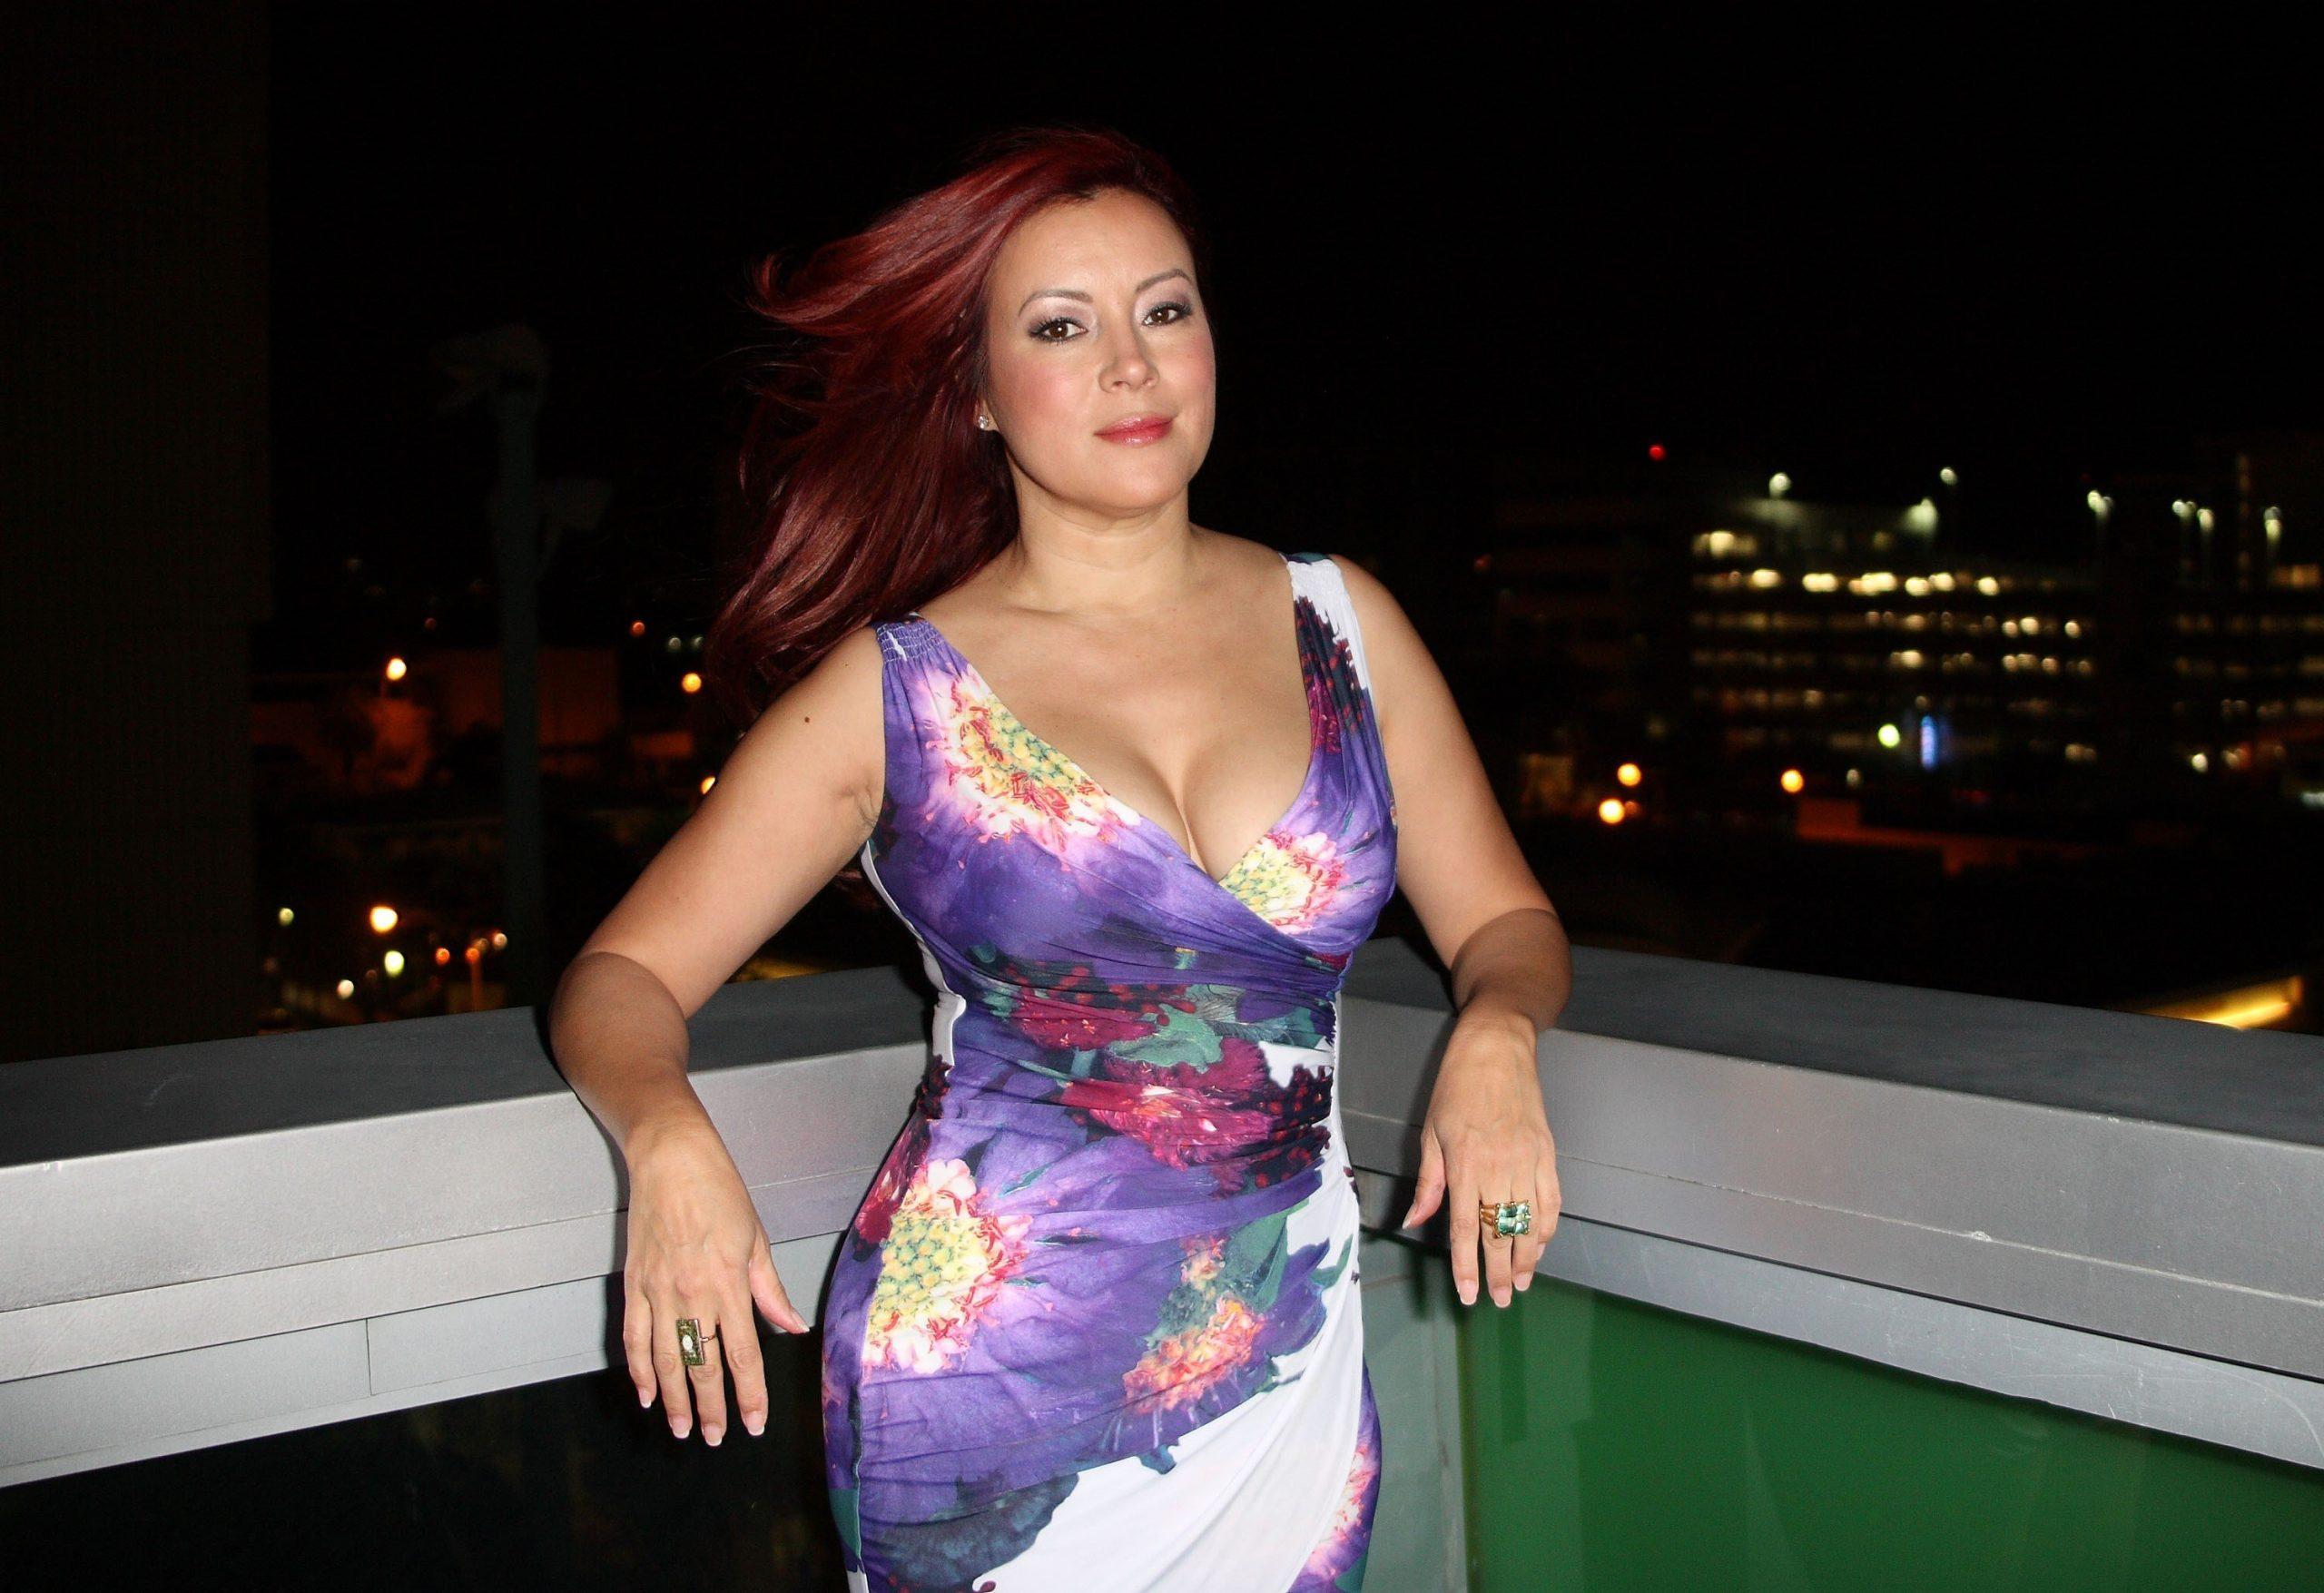 Jennifer Tilly 19